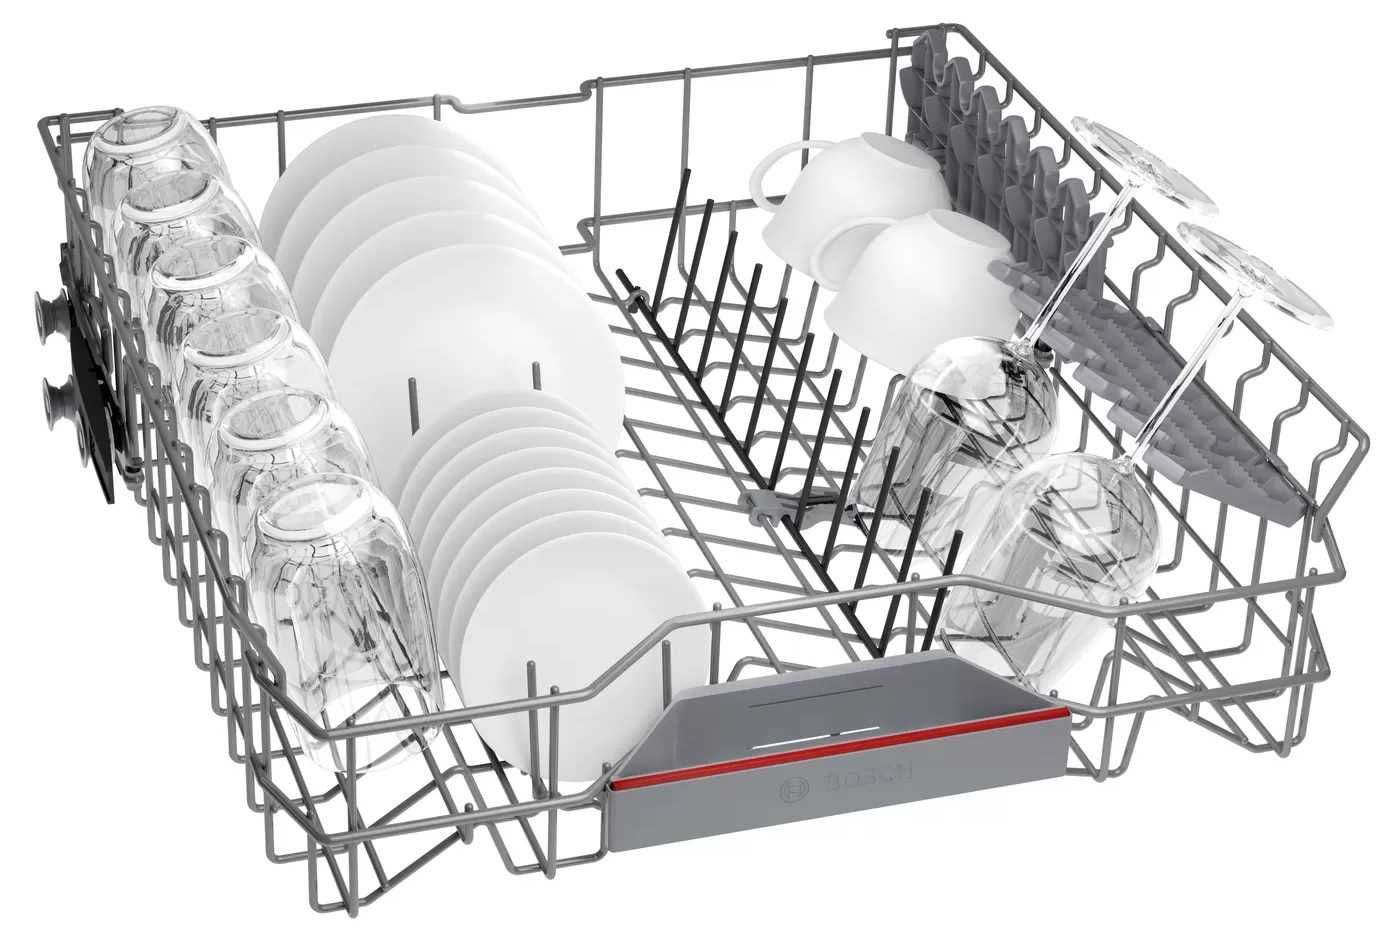 מדיח כלים רחב לבן Bosch SMS4HCW48E בוש - תמונה 4